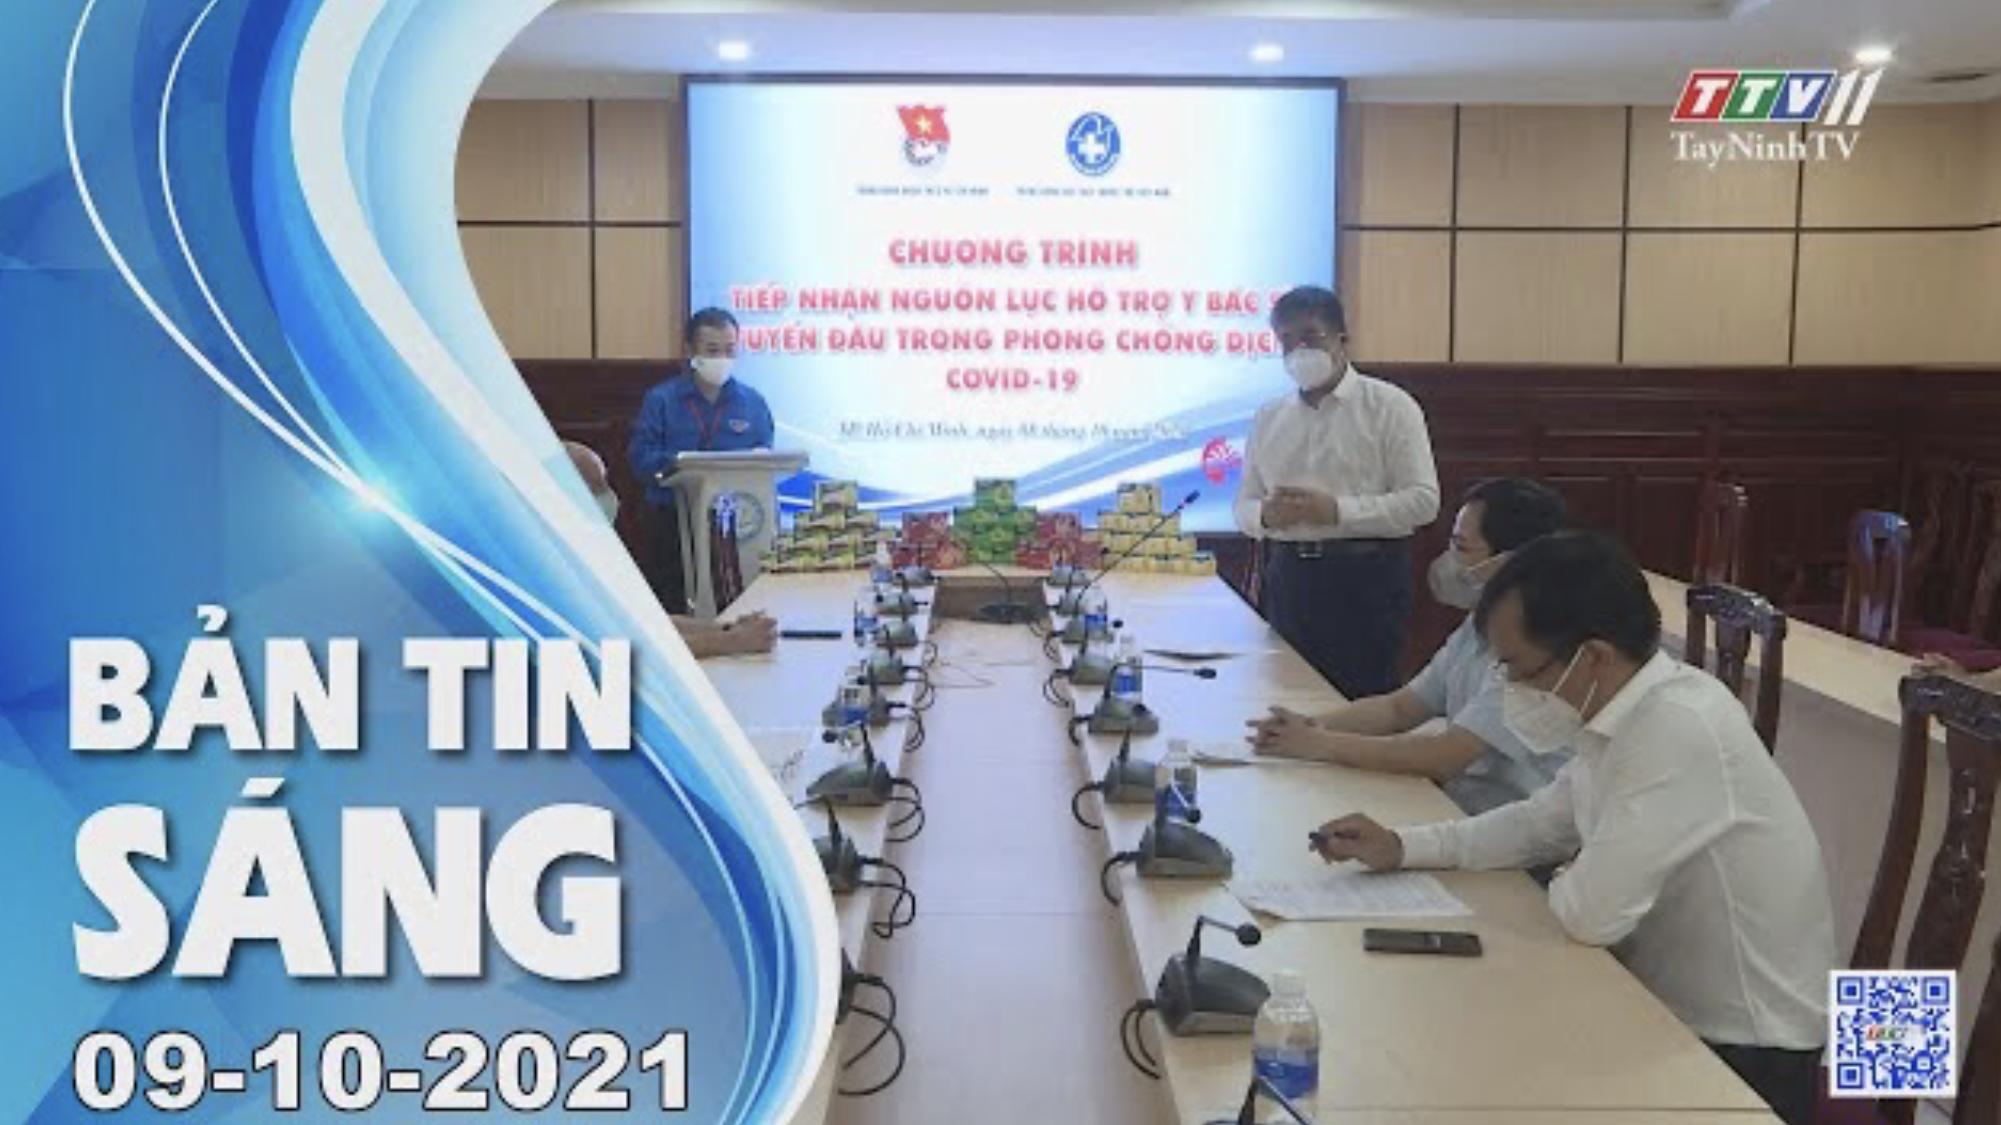 BẢN TIN SÁNG 09/10/2021 | Tin tức hôm nay | TayNinhTV